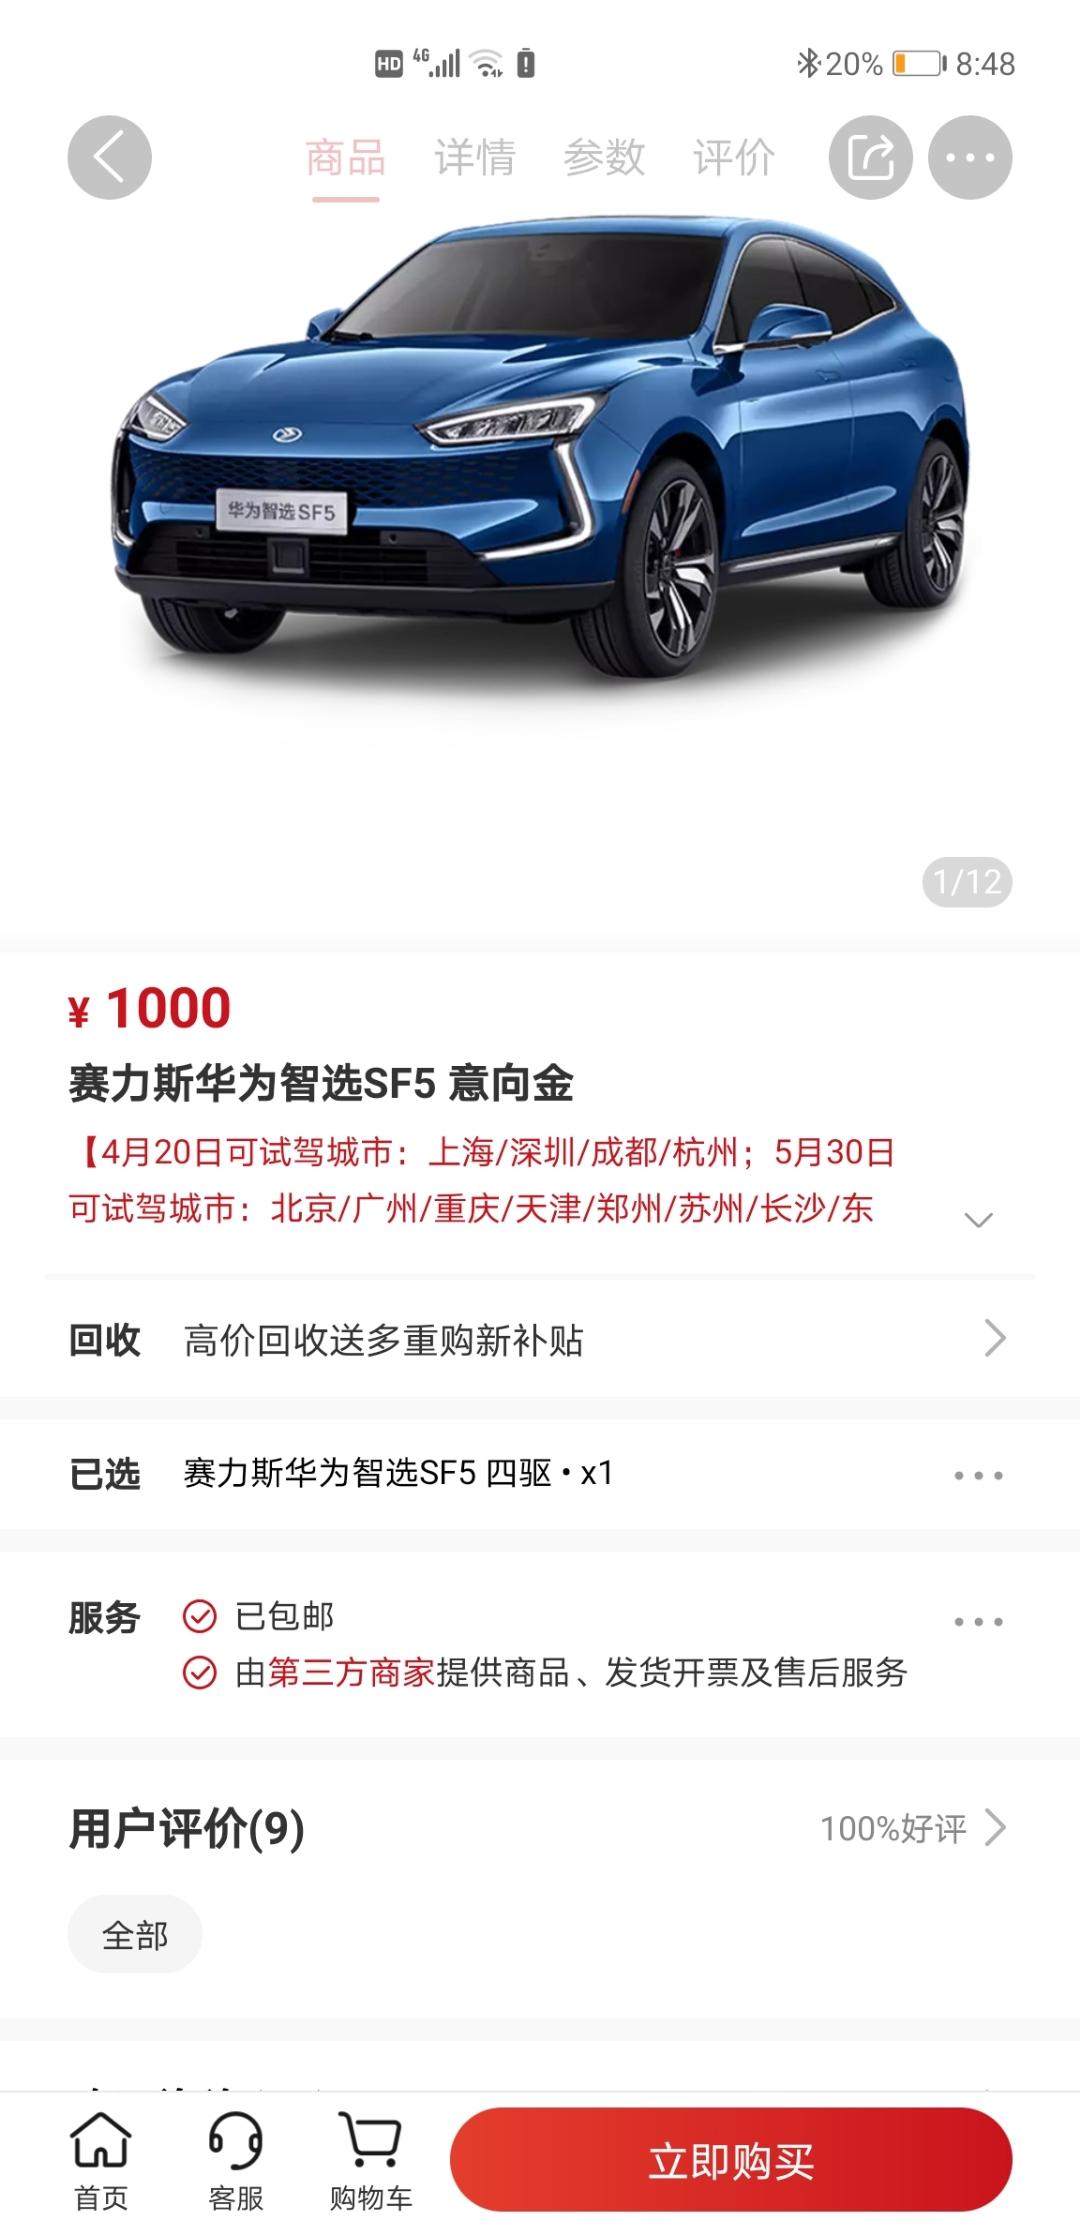 Screenshot_20210504_084817_com.vmall.client.jpg